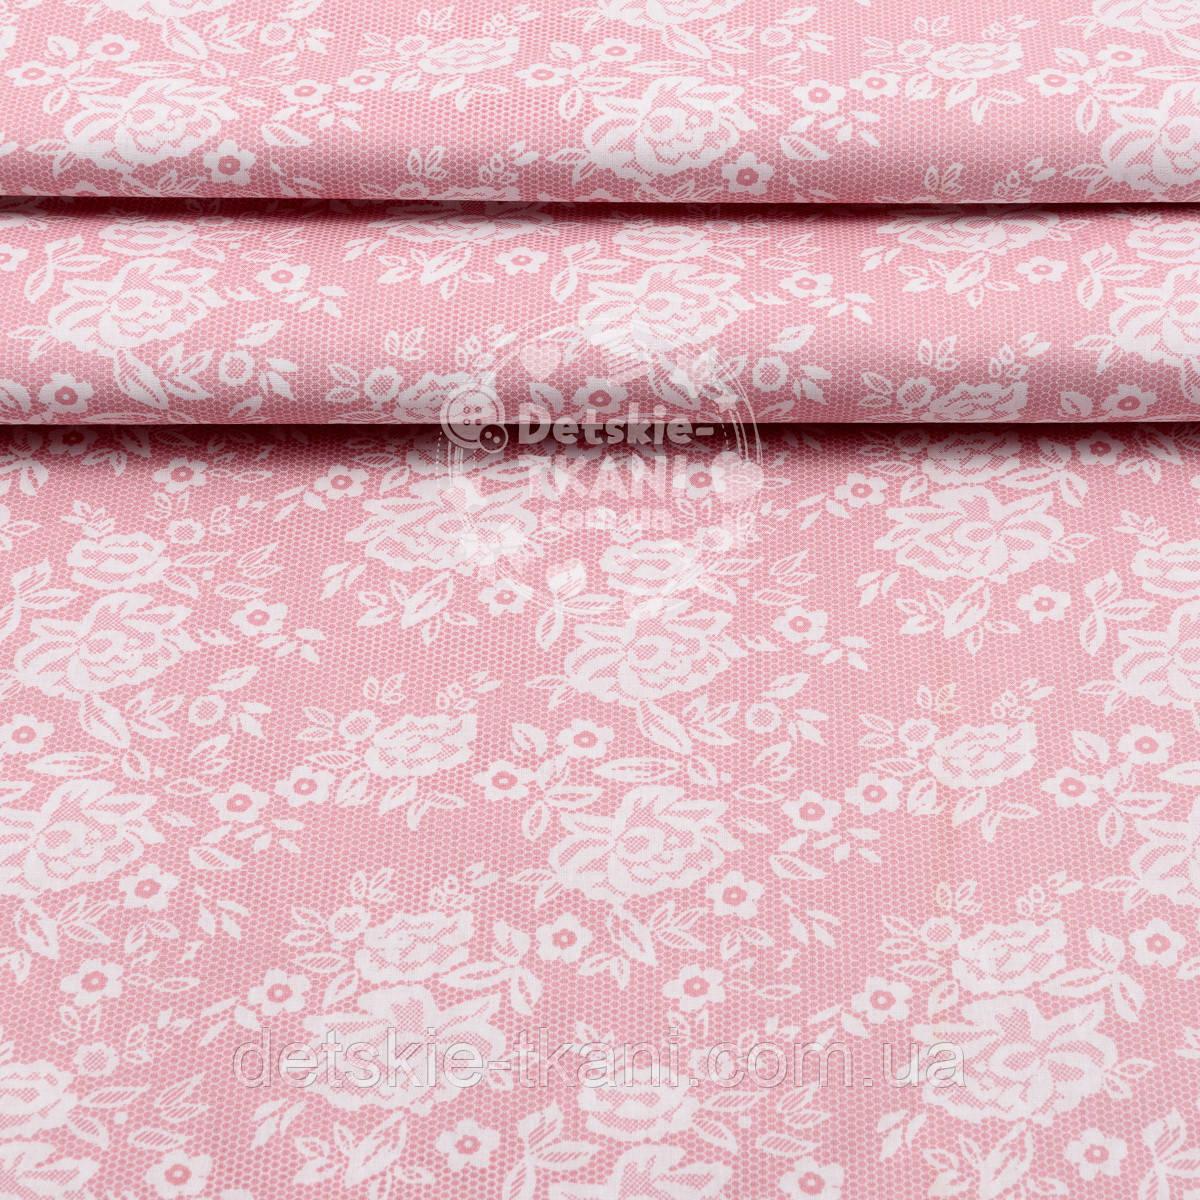 """Поплин шириной 240 см с рисунком """"Розочки на сетке"""" розового цвета (№1605)"""